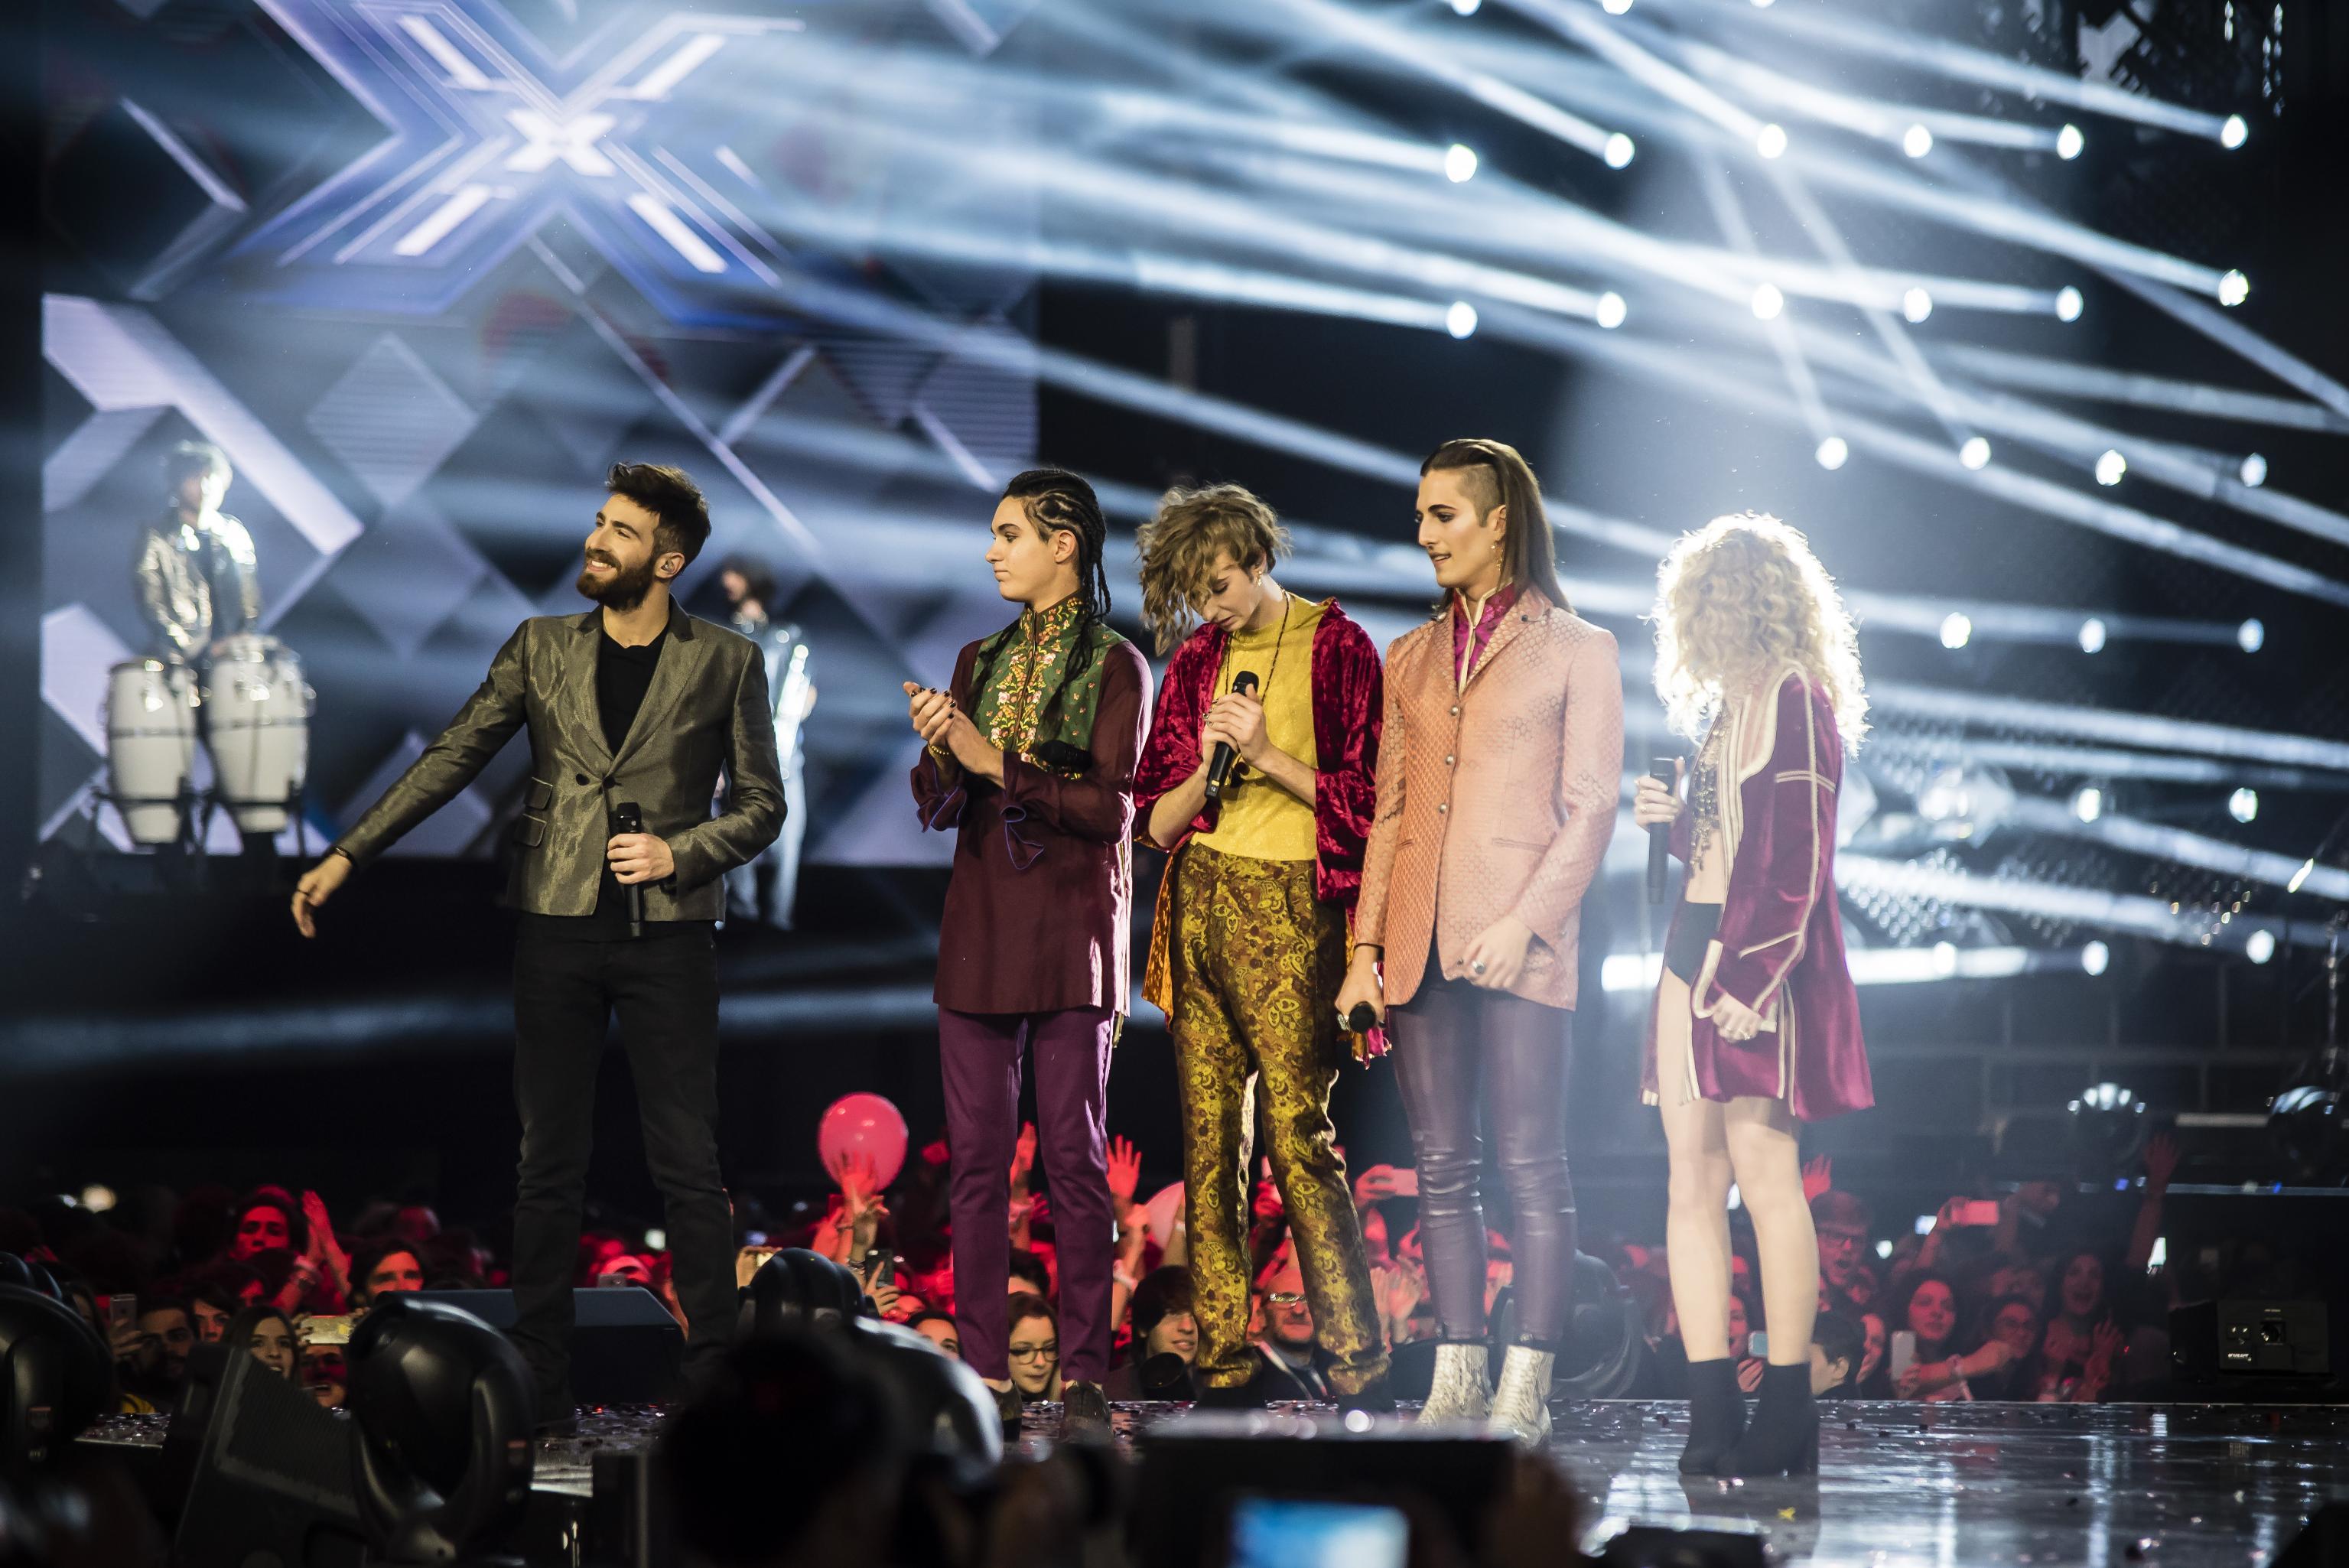 Sky, finale X Factor più vista di sempre